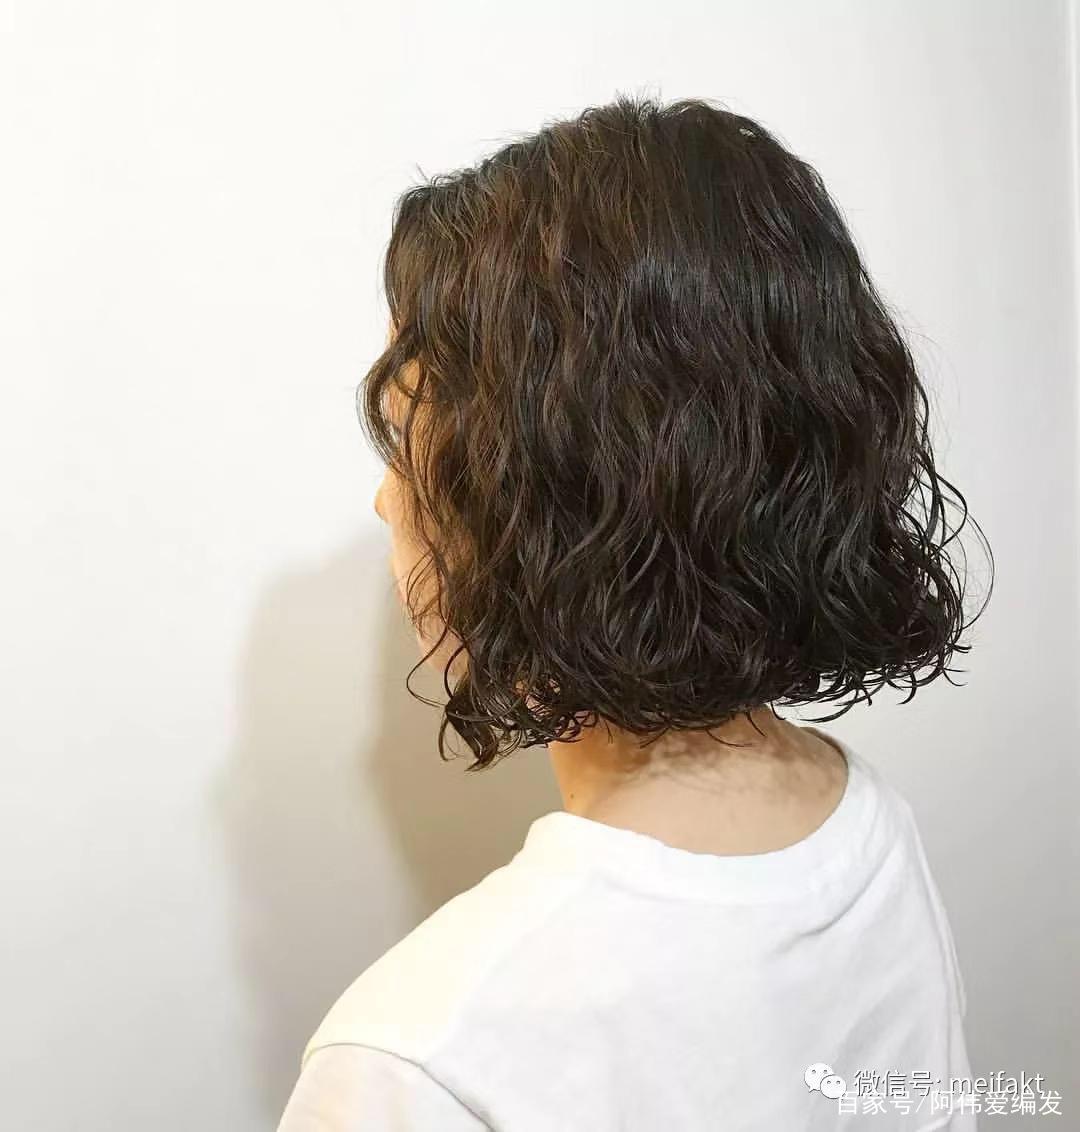 夏季人气超高发型,短烫发,或许有你喜欢的